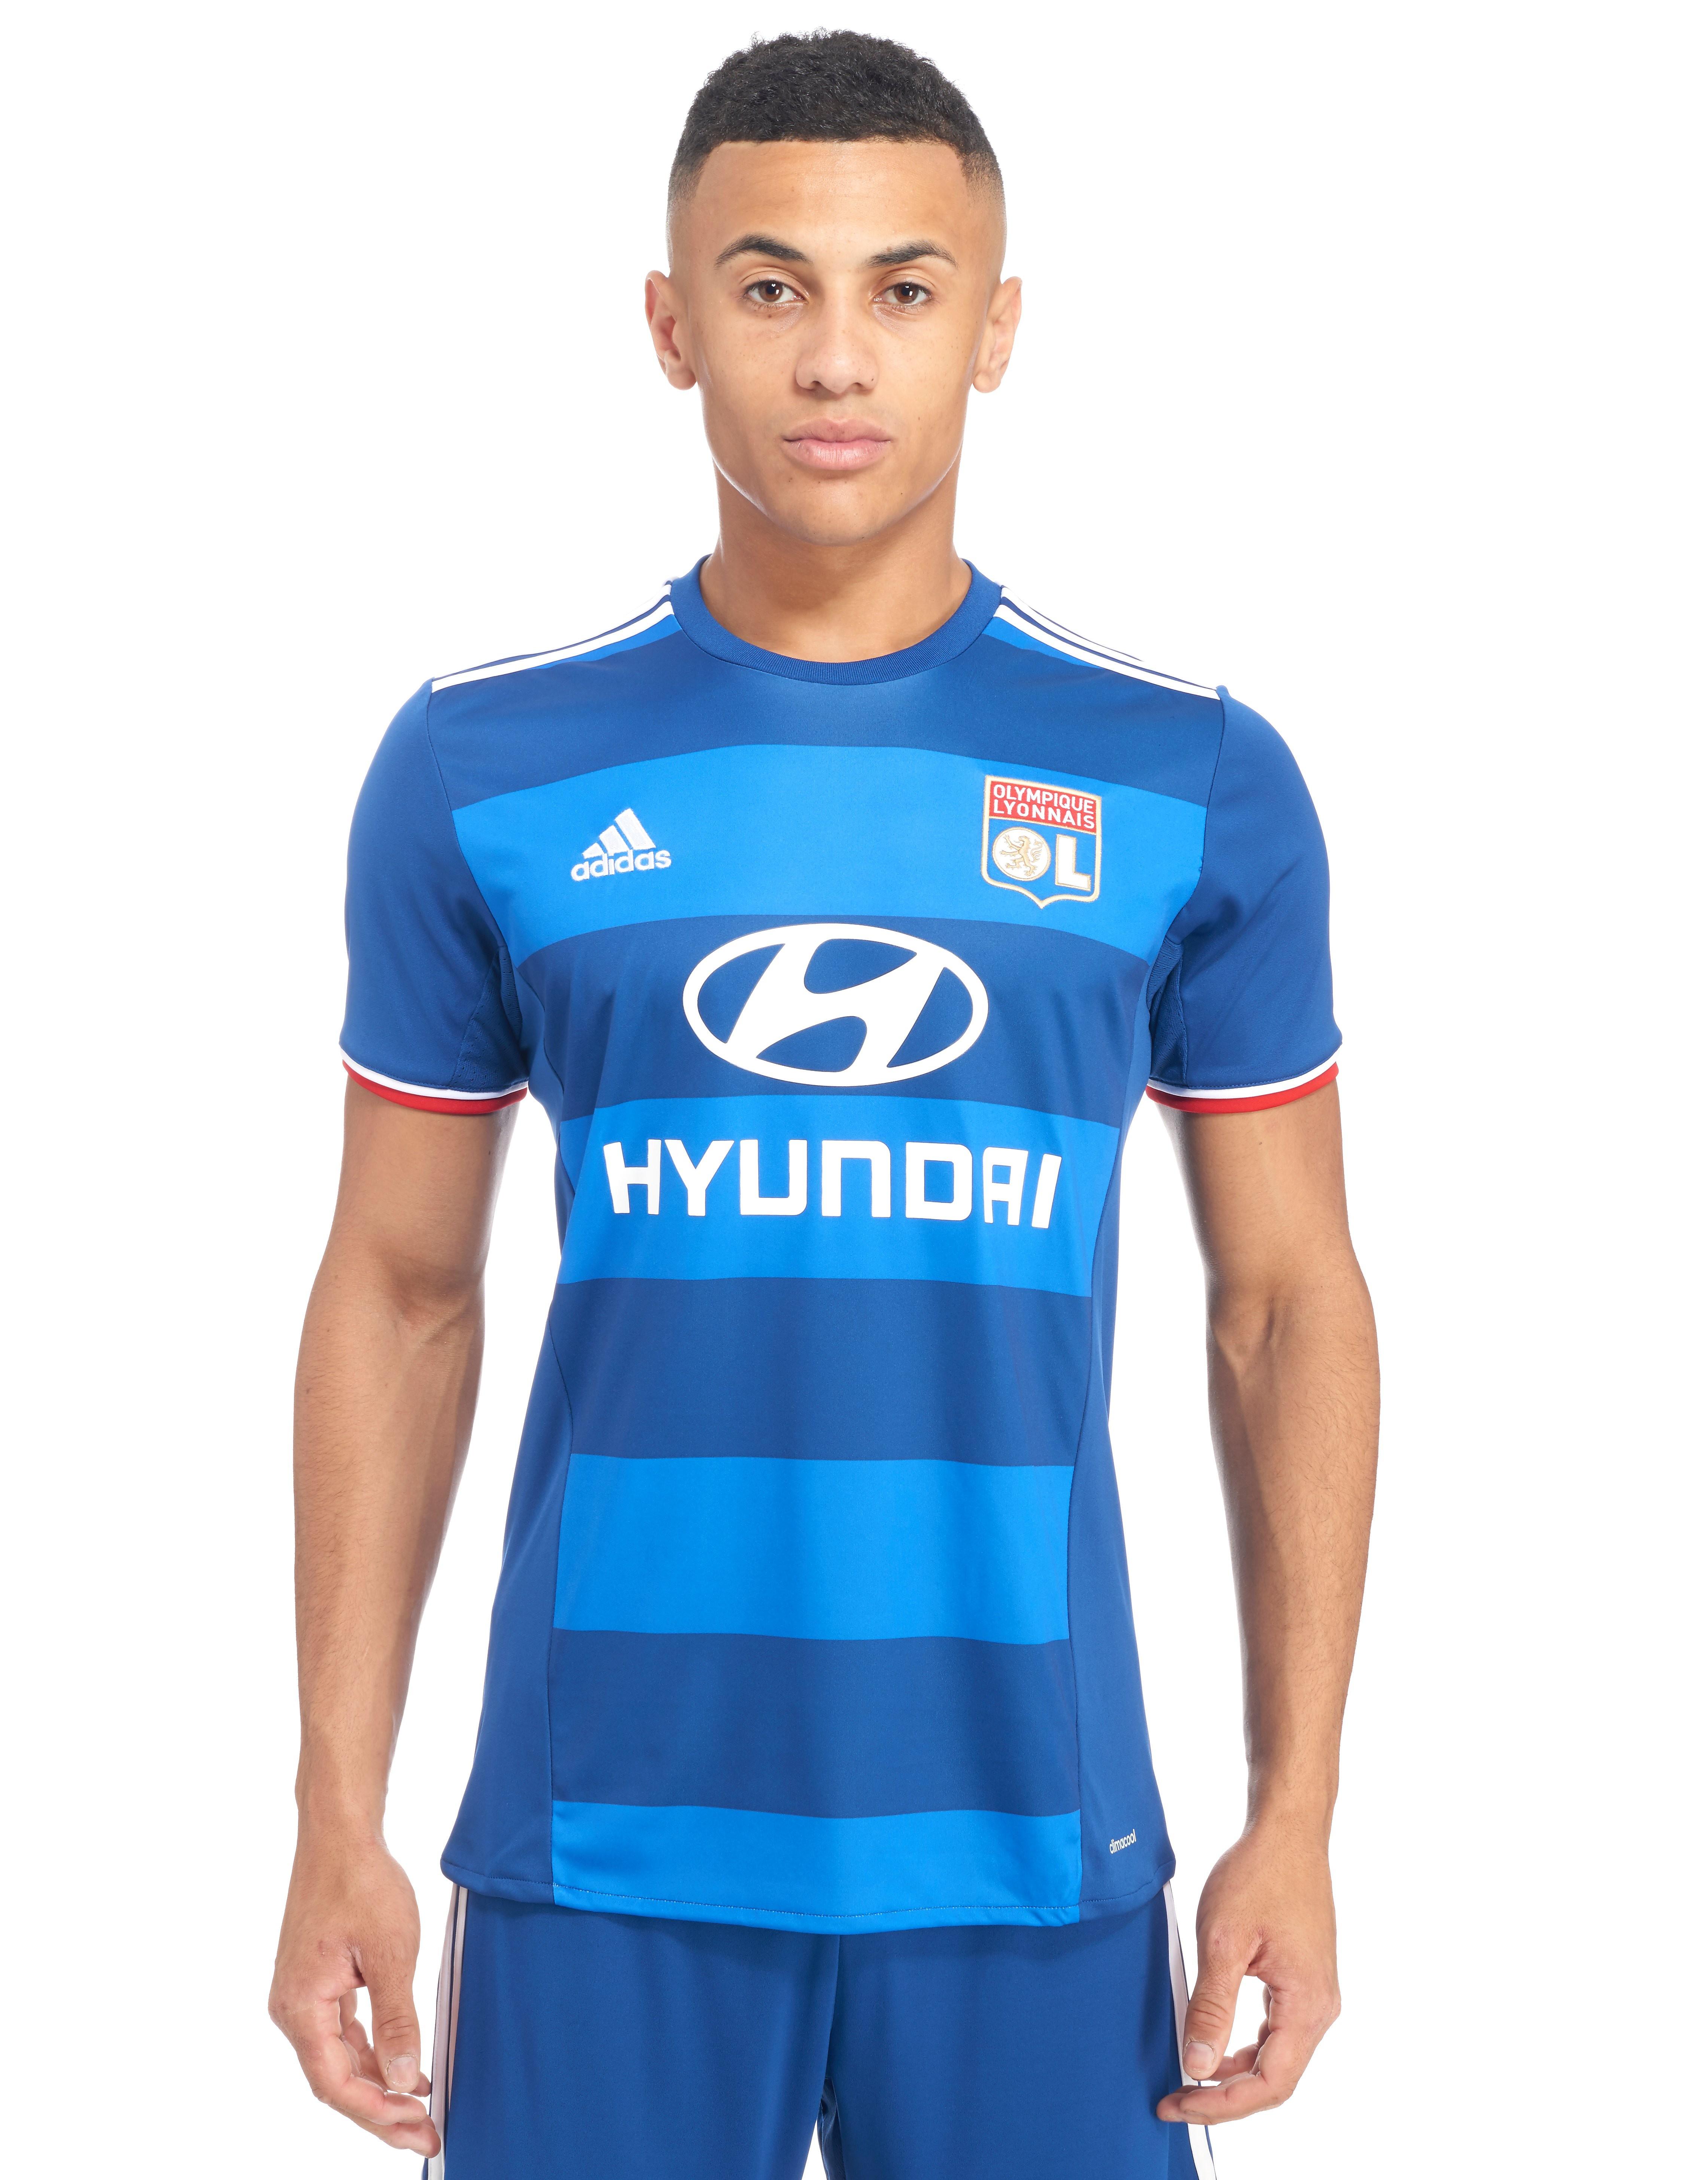 adidas Olympique Lyon 2016/17 Away Shirt